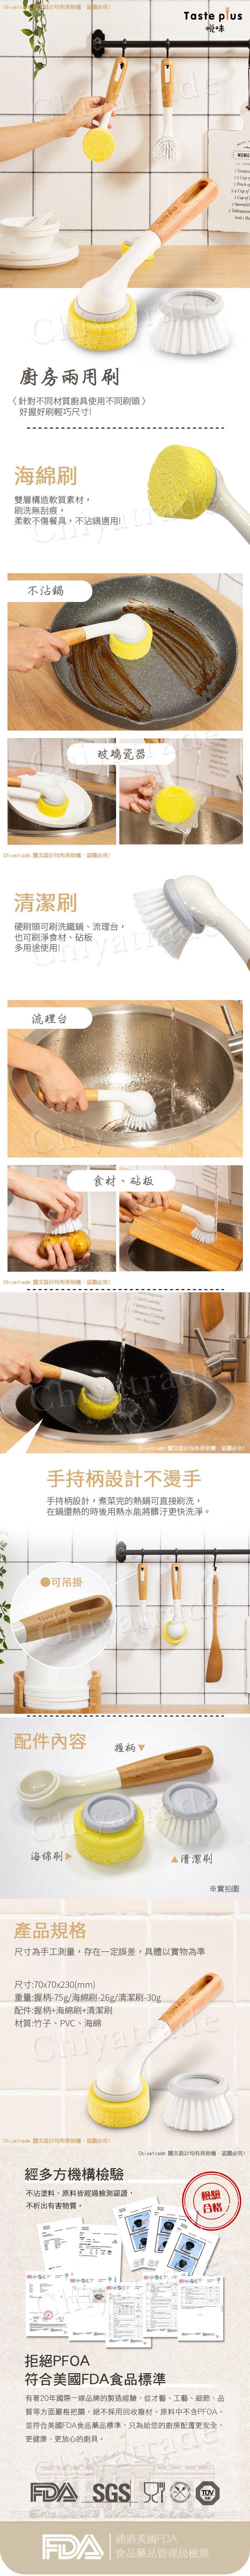 (複製)Taste Plus|悅味創意 掛勾+磁吸式 德國櫸木 矽膠握把 木夾+煎鏟+漏杓+淺湯杓-4件組